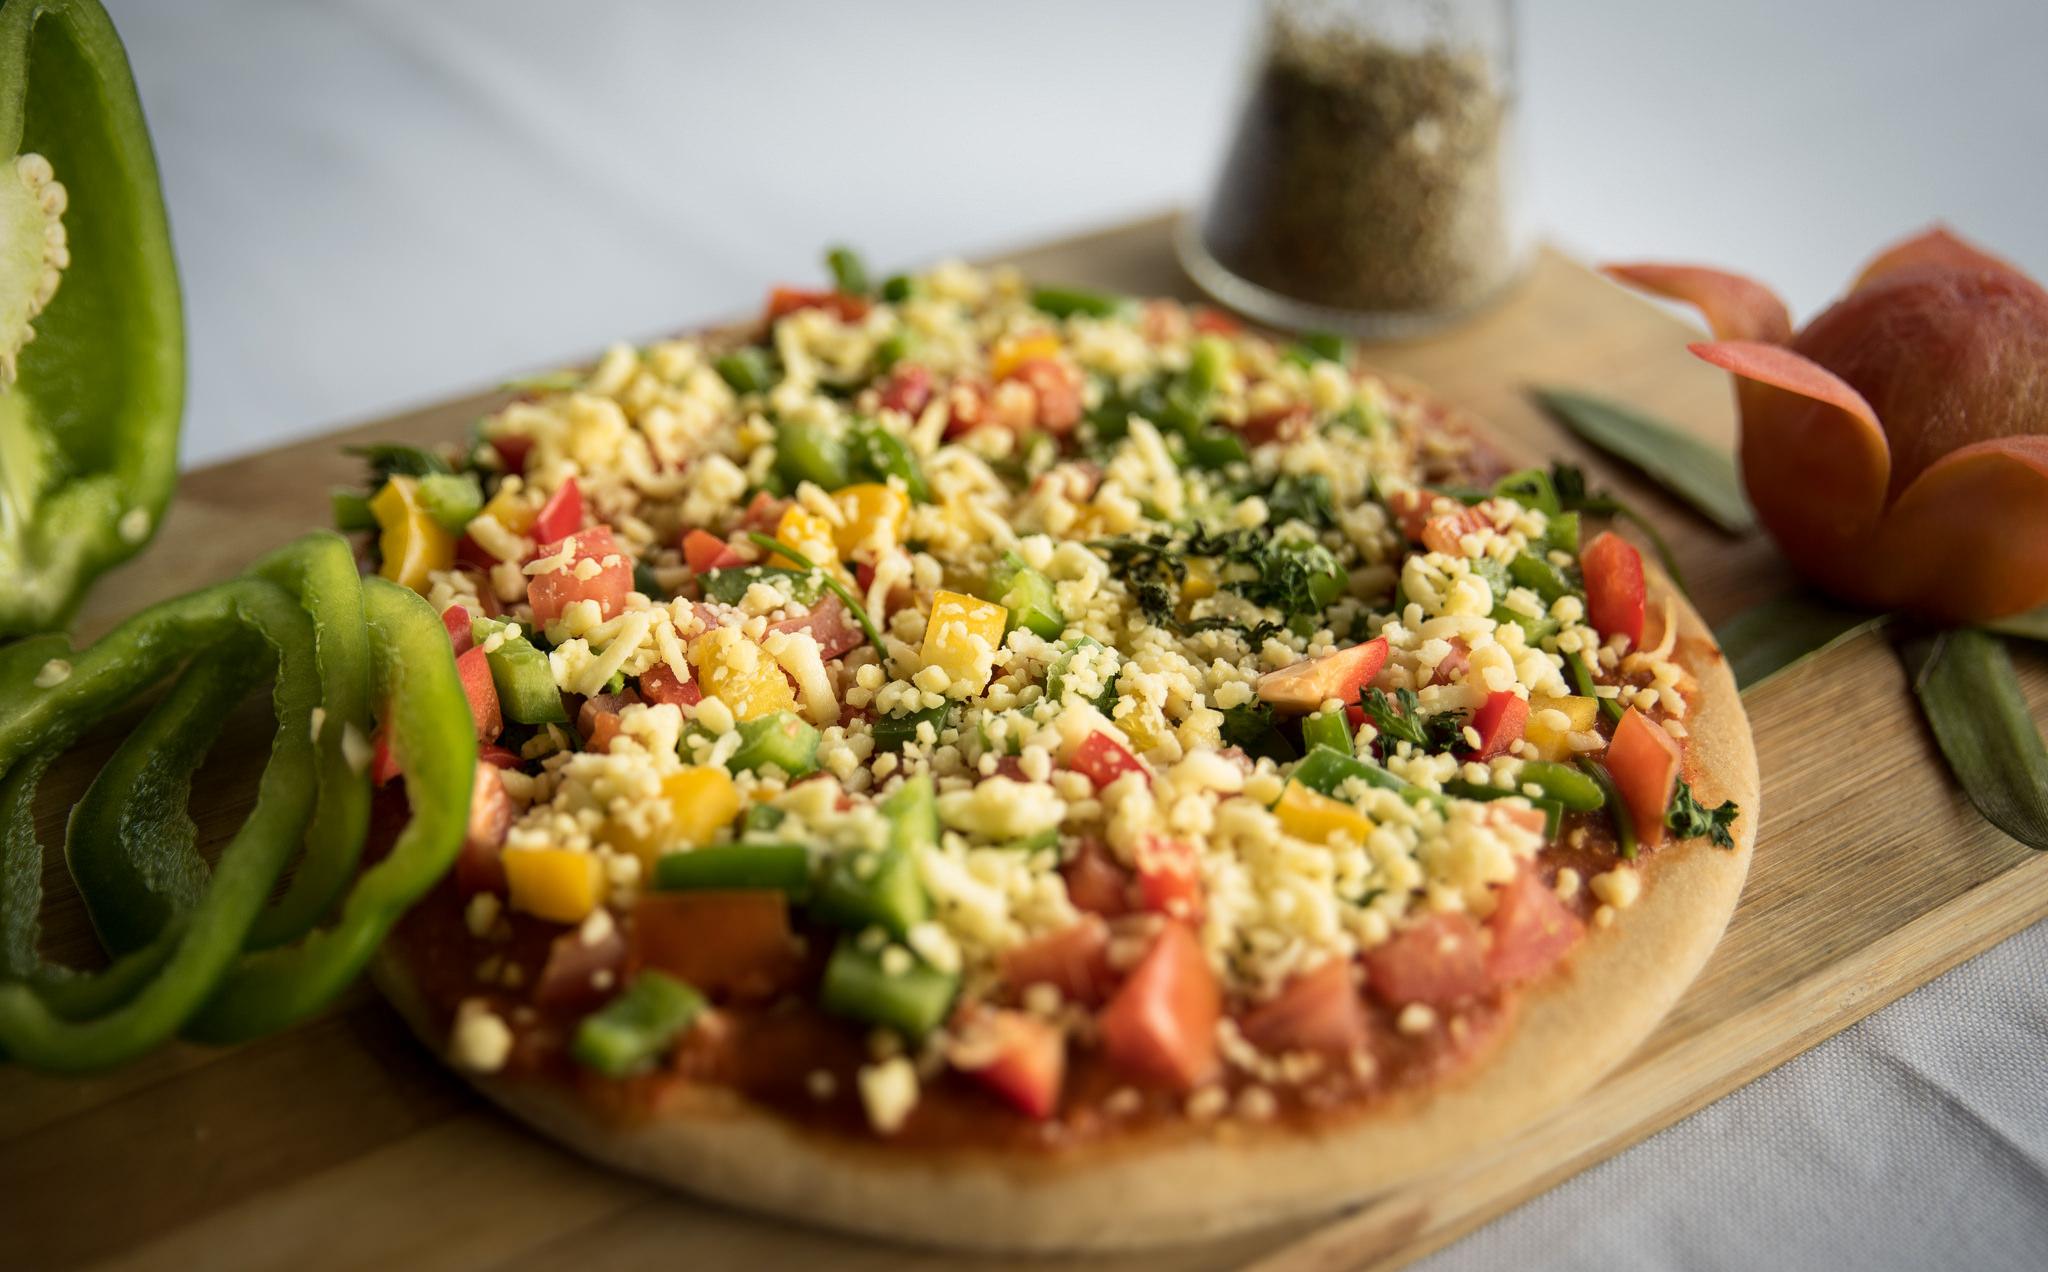 Pizza, Veg|© Sharada Prasad CS/Flickr